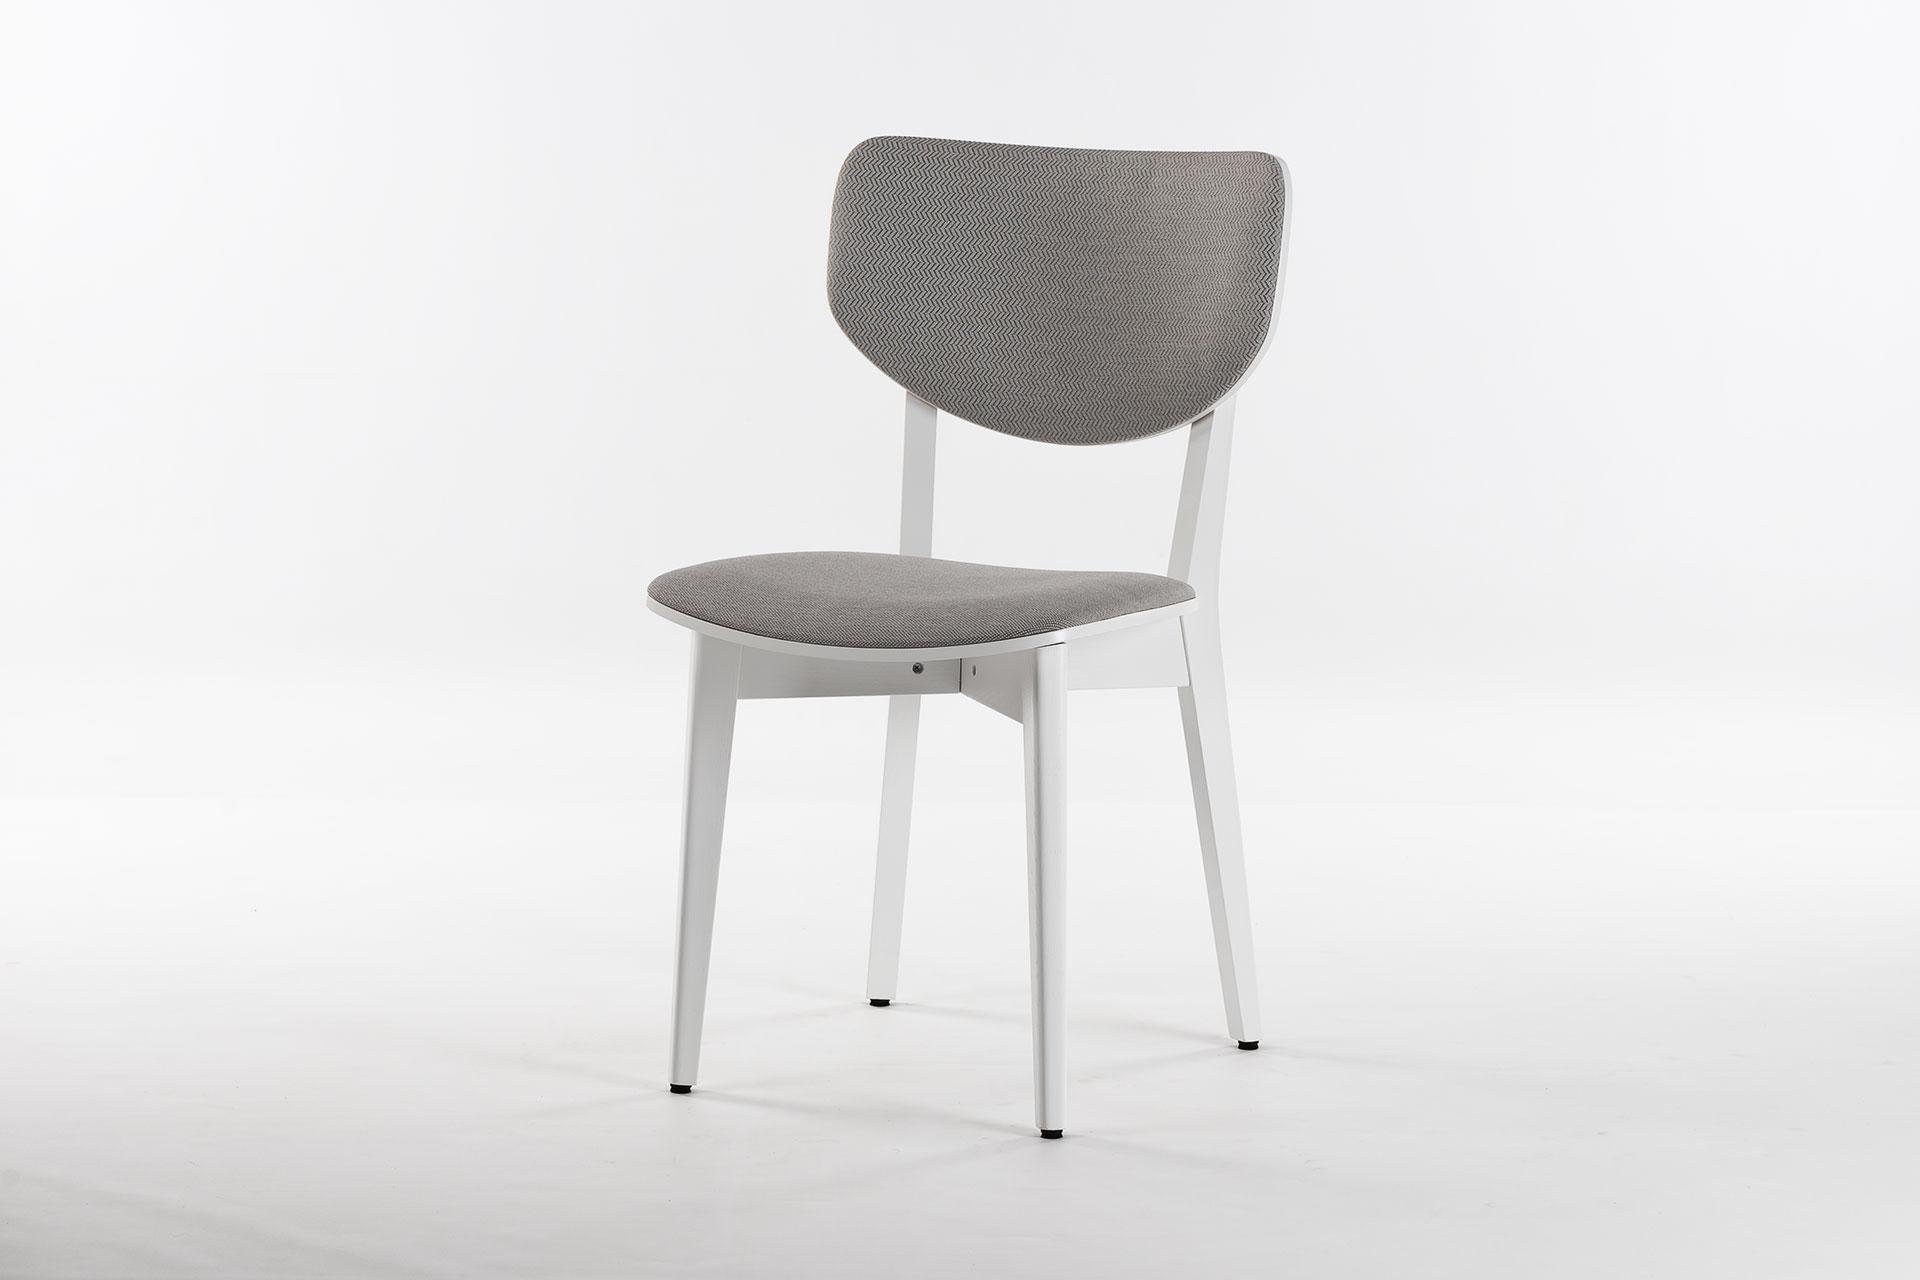 Дерев'яний кухонний стілець 03А з білими ніжками і м'якою оббивкою